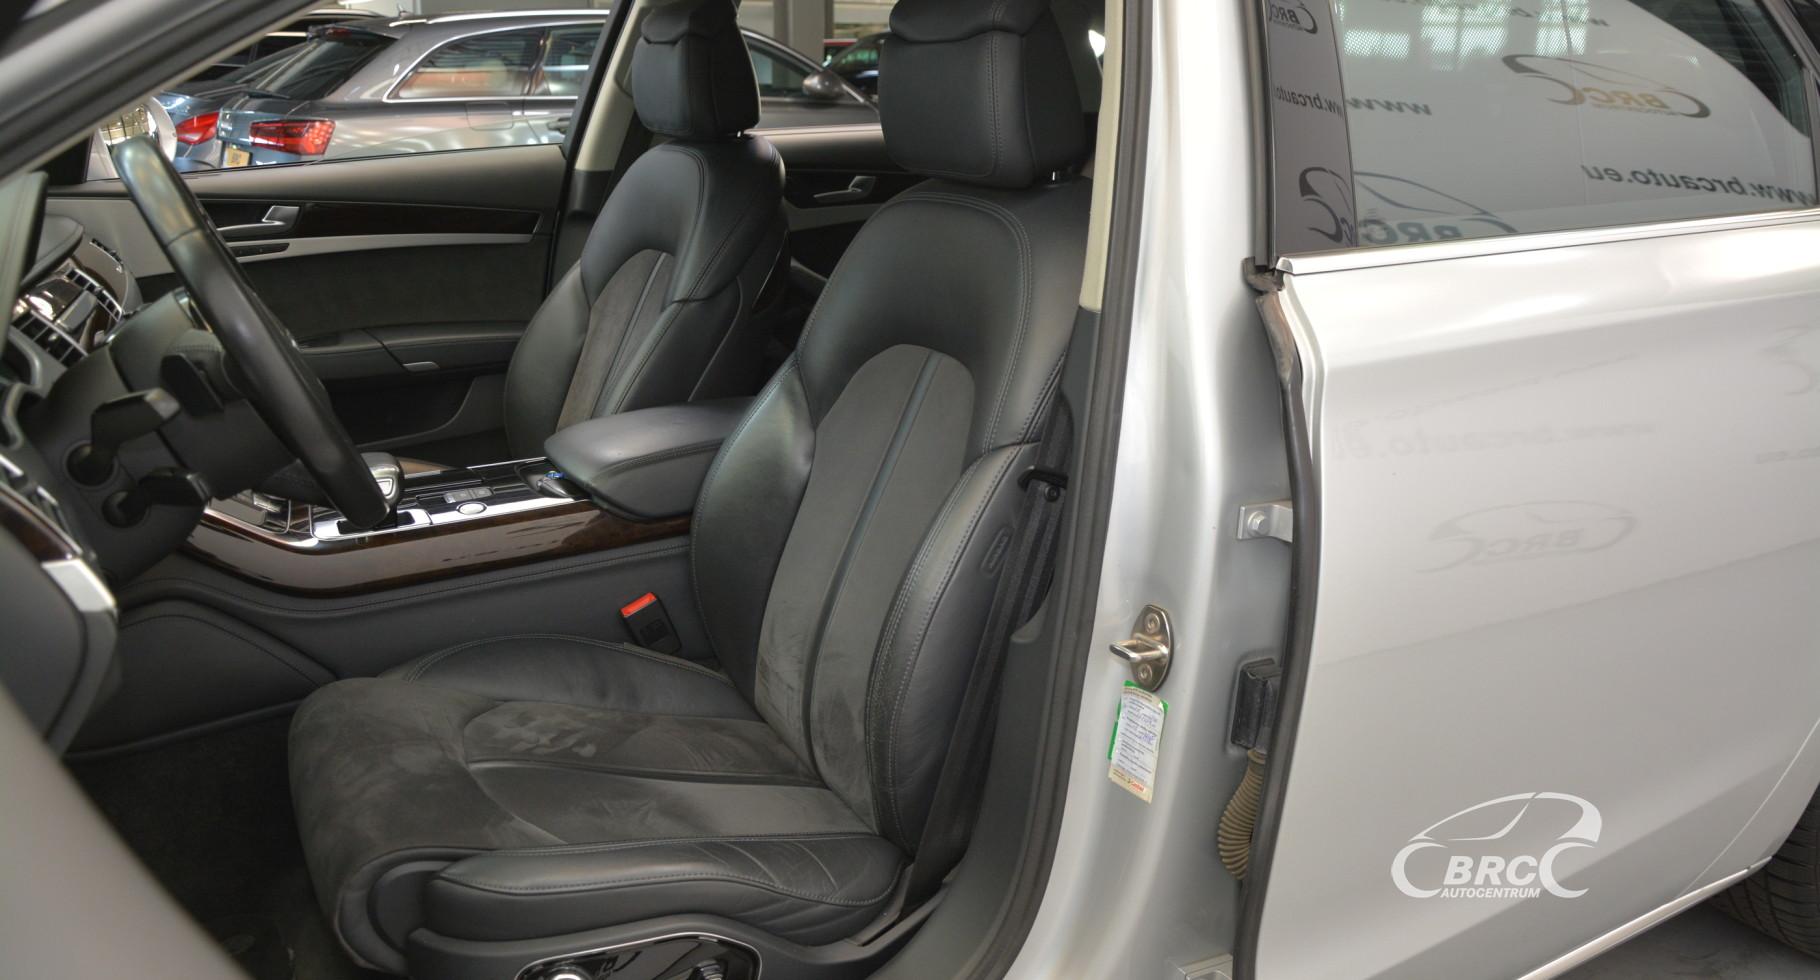 Audi A8 4.2 TDI Quattro Automatas